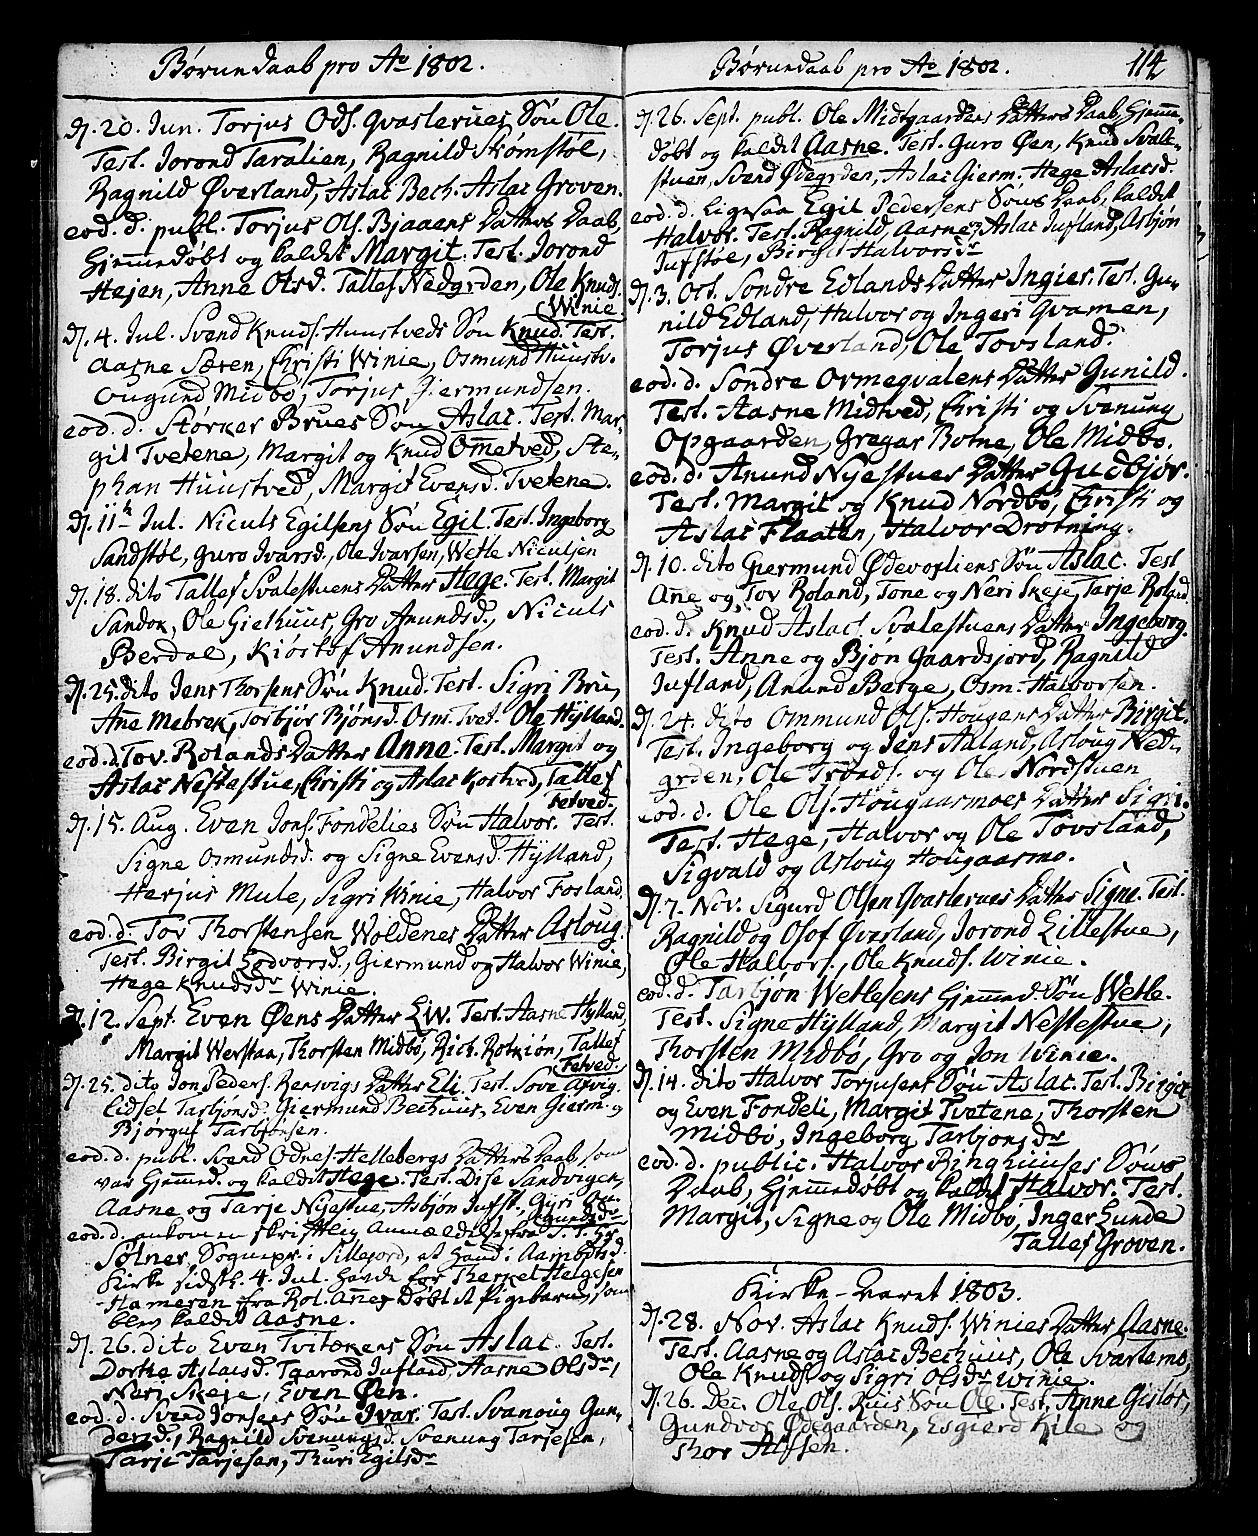 SAKO, Vinje kirkebøker, F/Fa/L0002: Ministerialbok nr. I 2, 1767-1814, s. 114